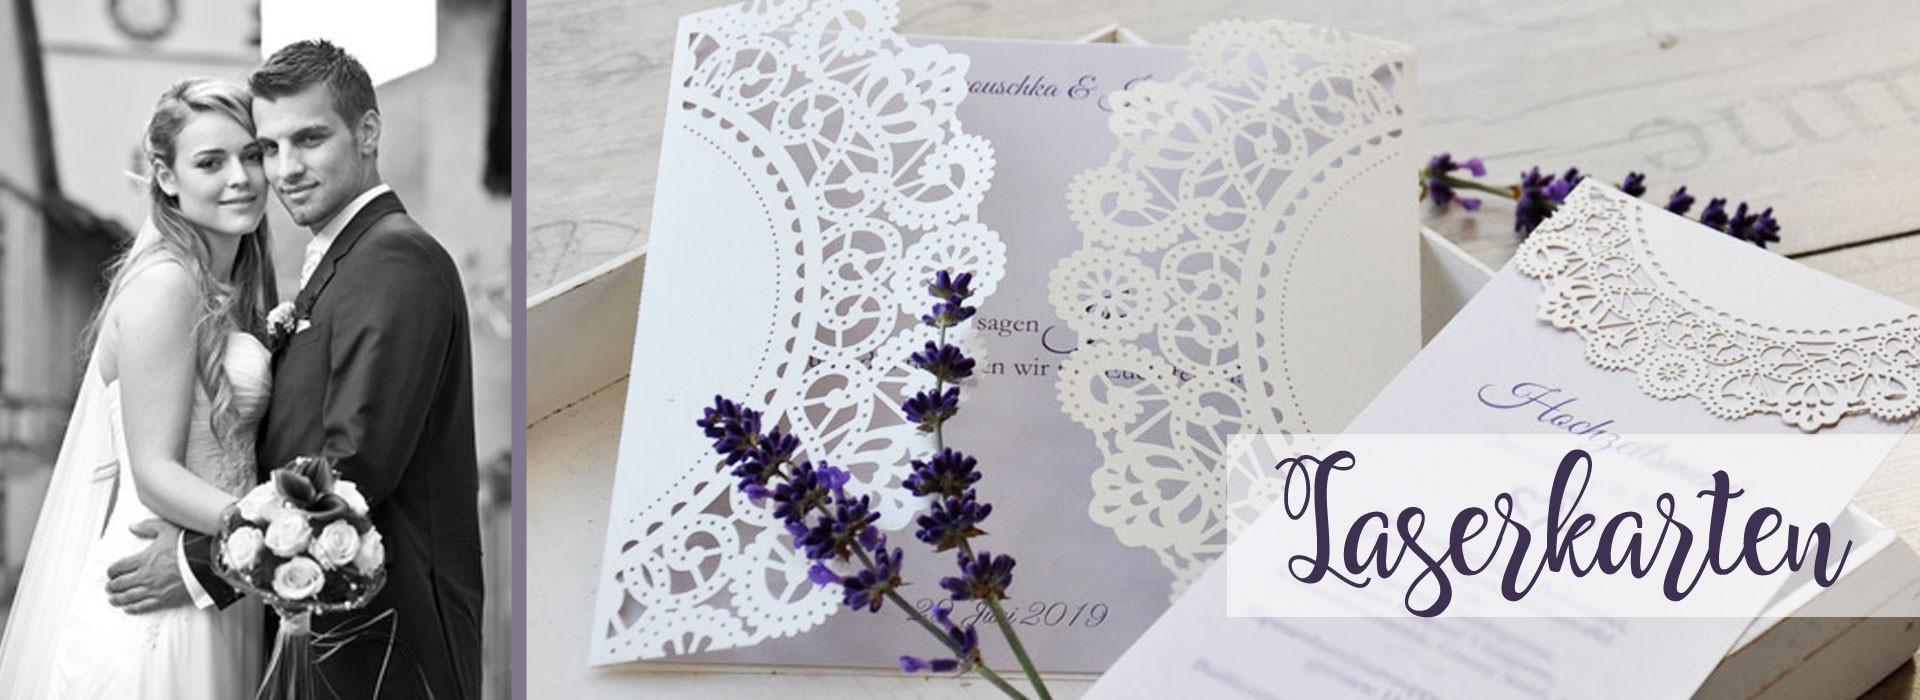 Vintage Hochzeitseinladungen mit edler Lasercut Spitze und Lavendel